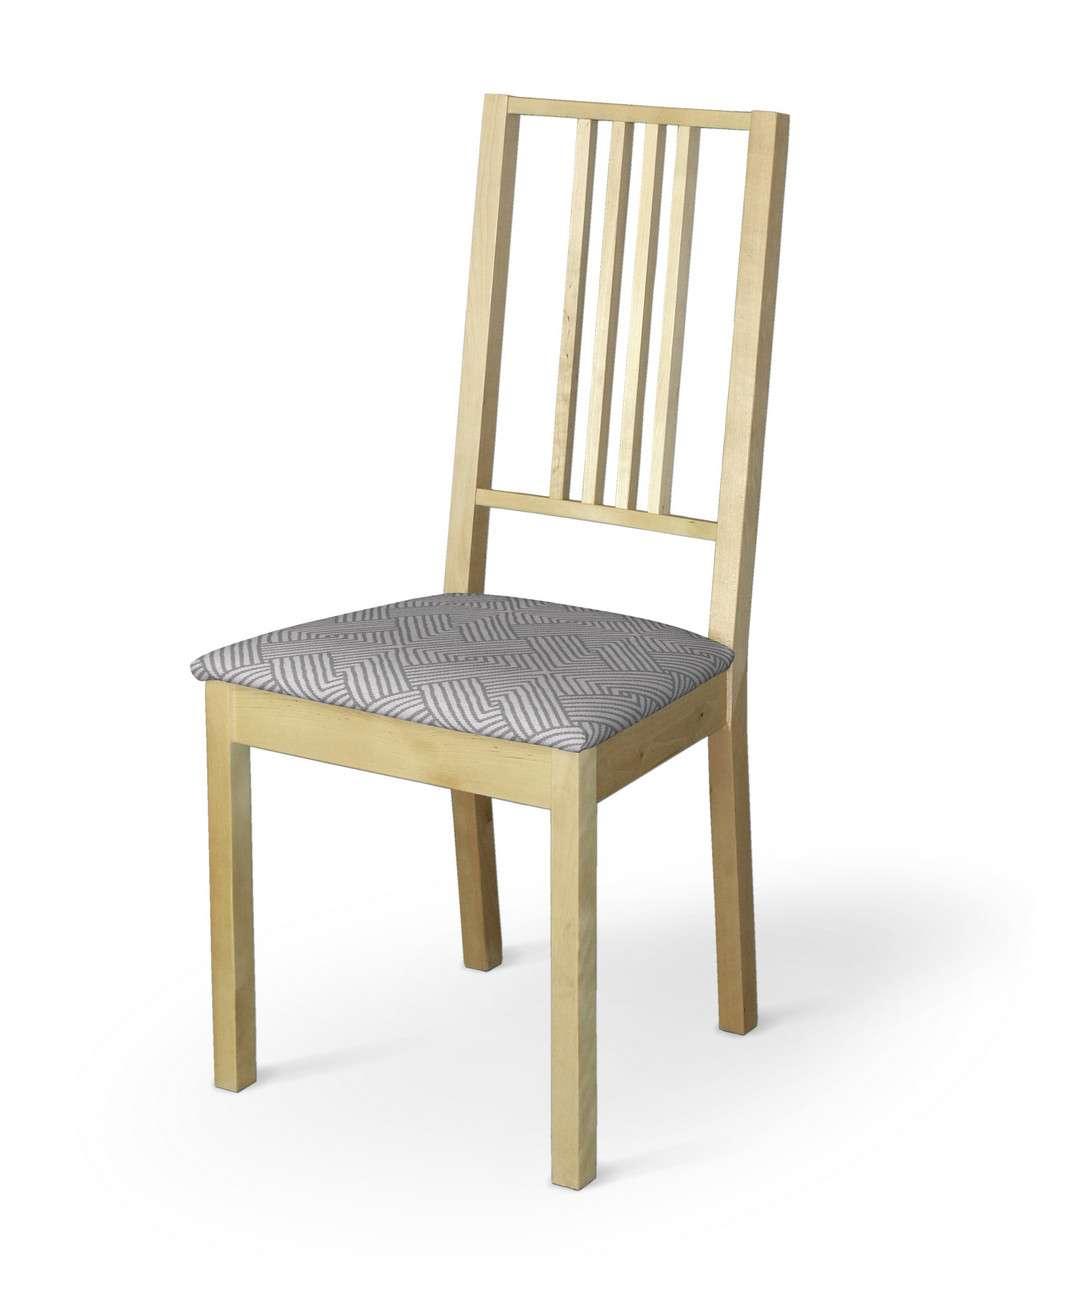 Pokrowiec na siedzisko Börje w kolekcji Sunny, tkanina: 143-45